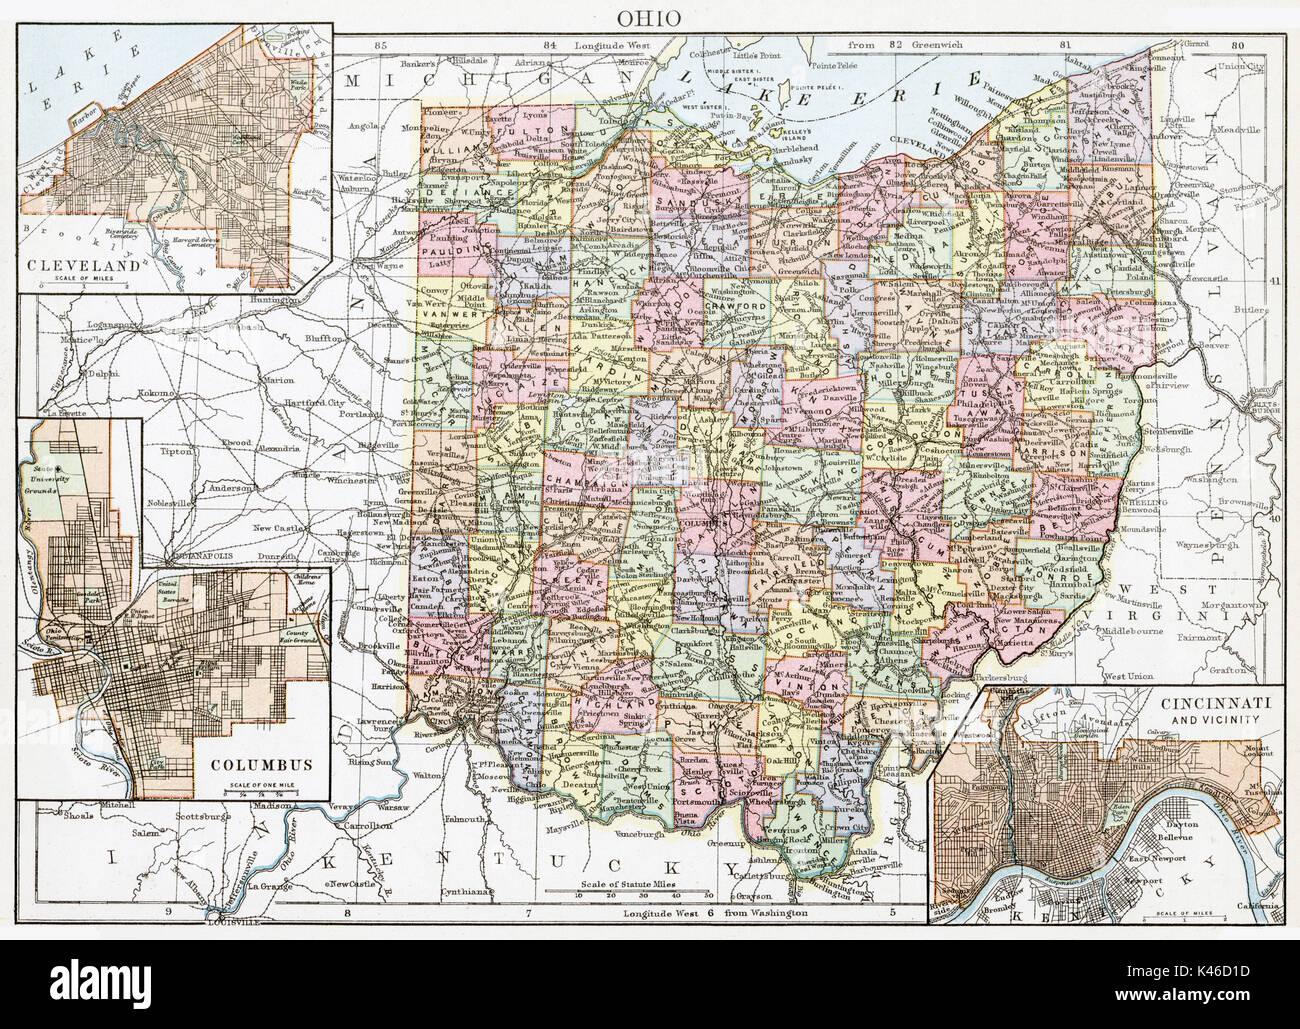 Antique map, circa 1875, of Ohio - Stock Image